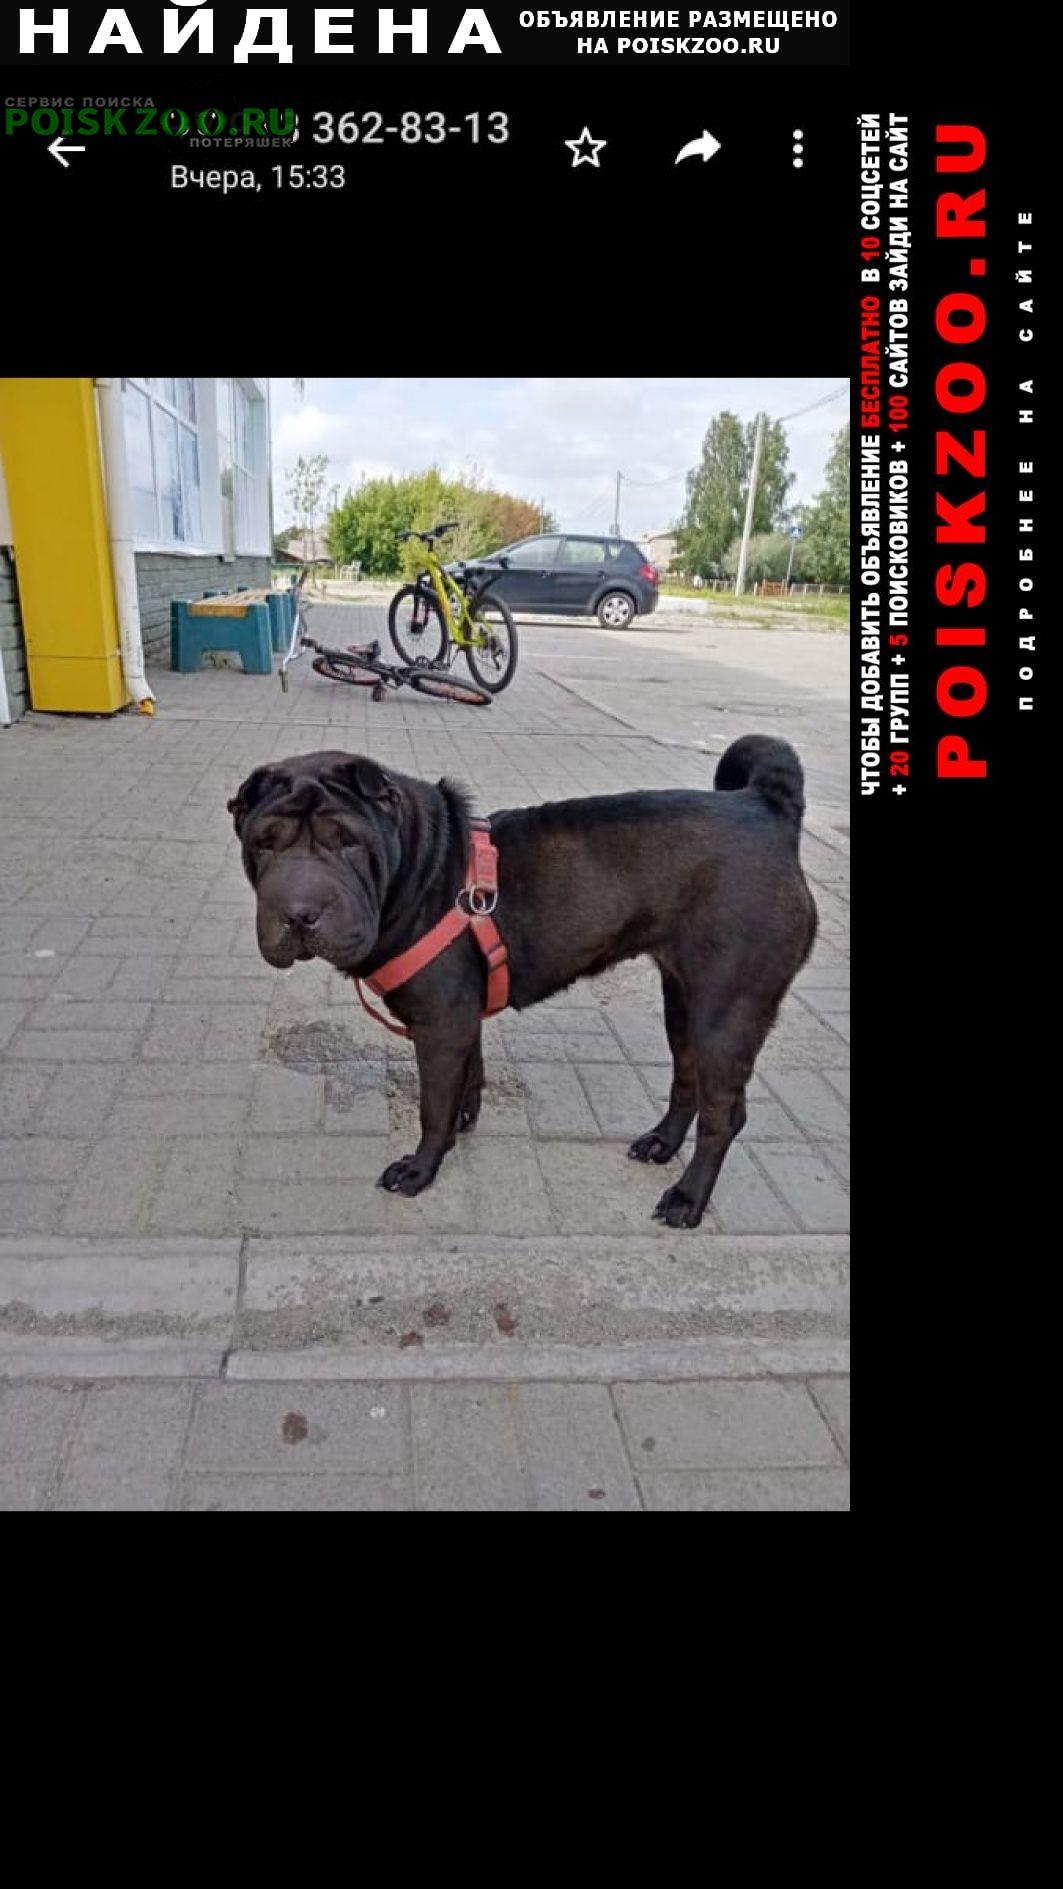 Барнаул Найдена собака в посёлке сибирский